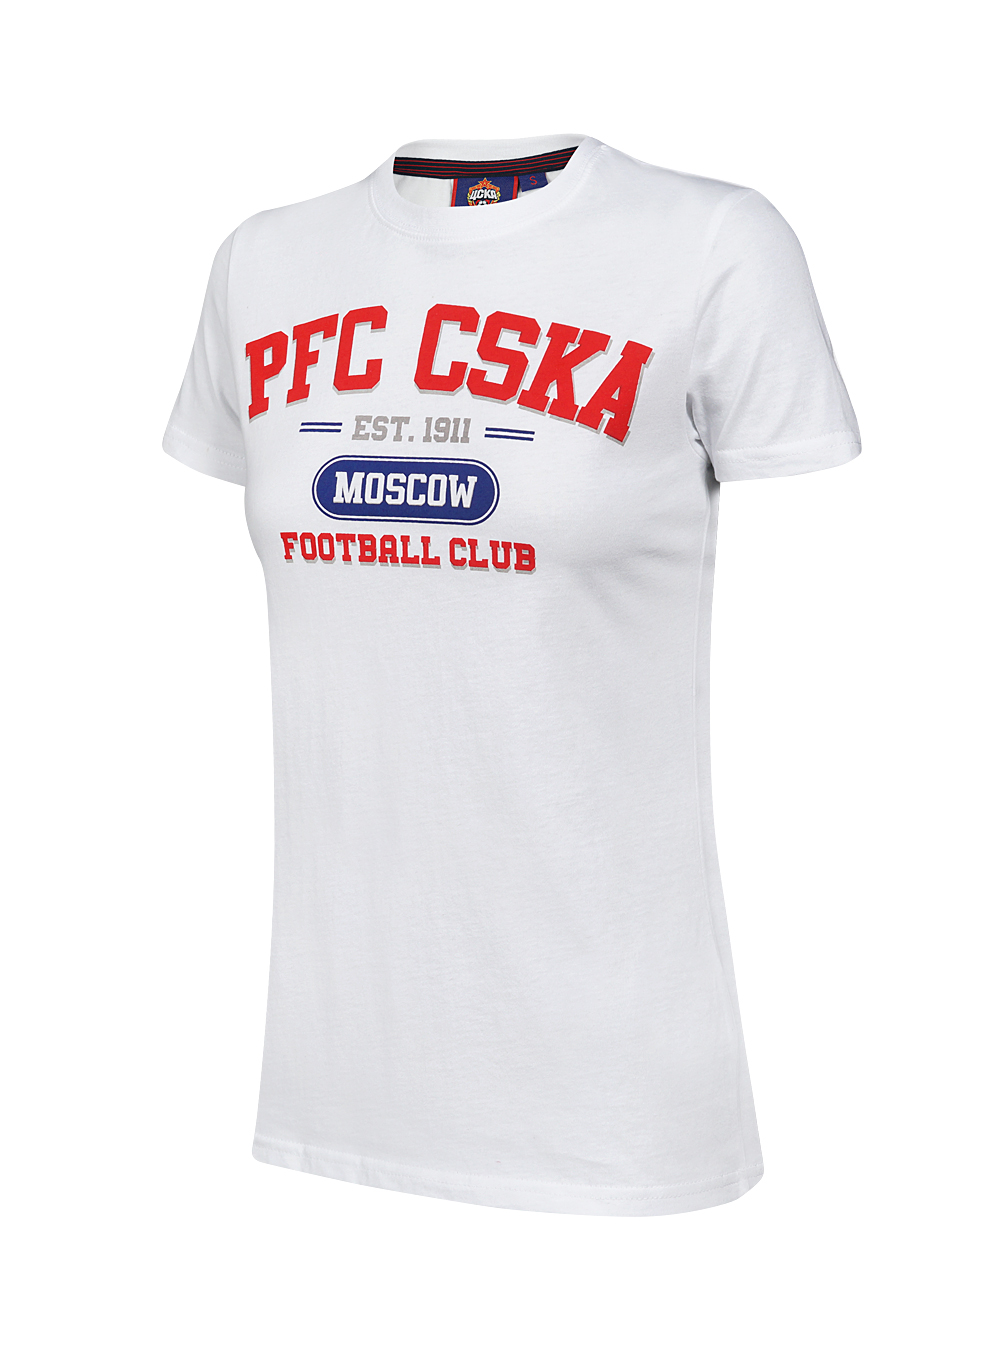 Купить Футболка женская PFC CSKA Moscow белая (XS) по Нижнему Новгороду